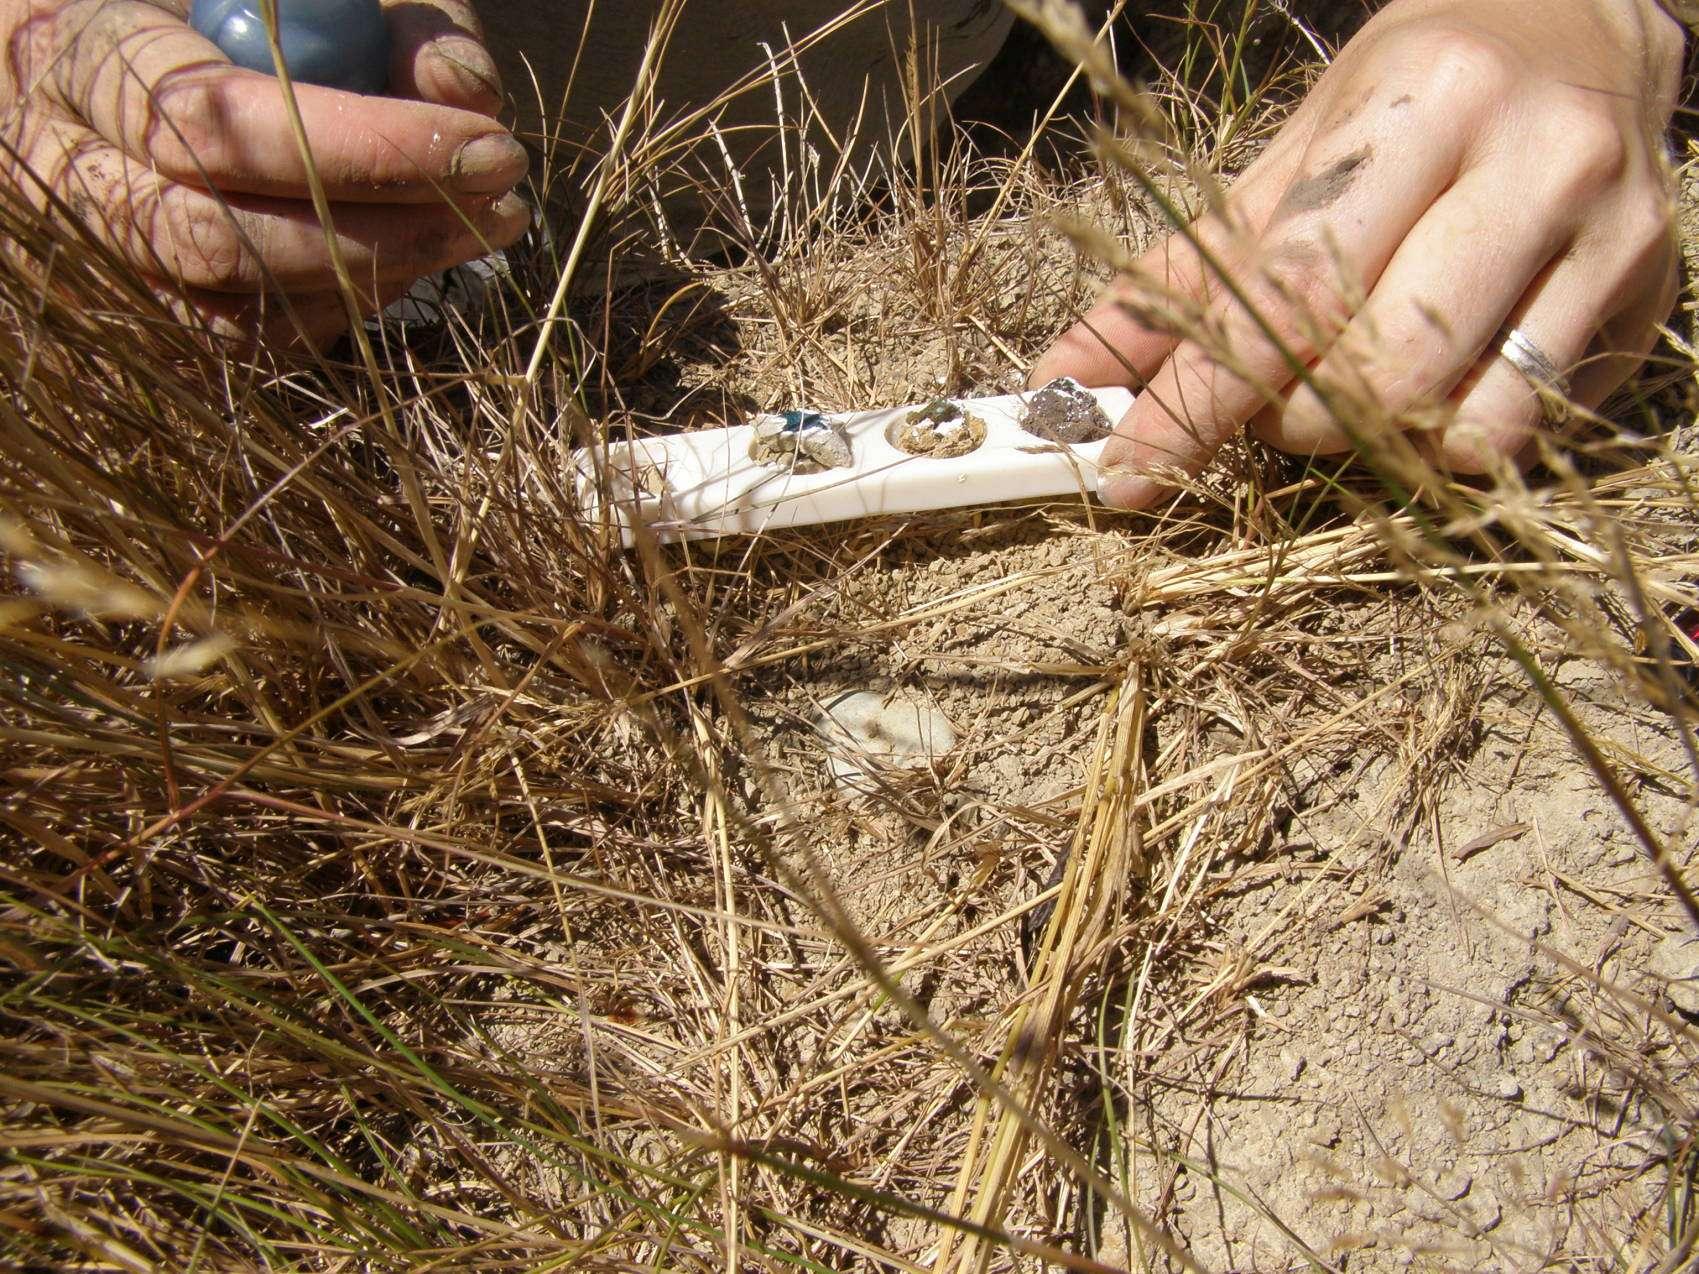 Measuring Soil Health